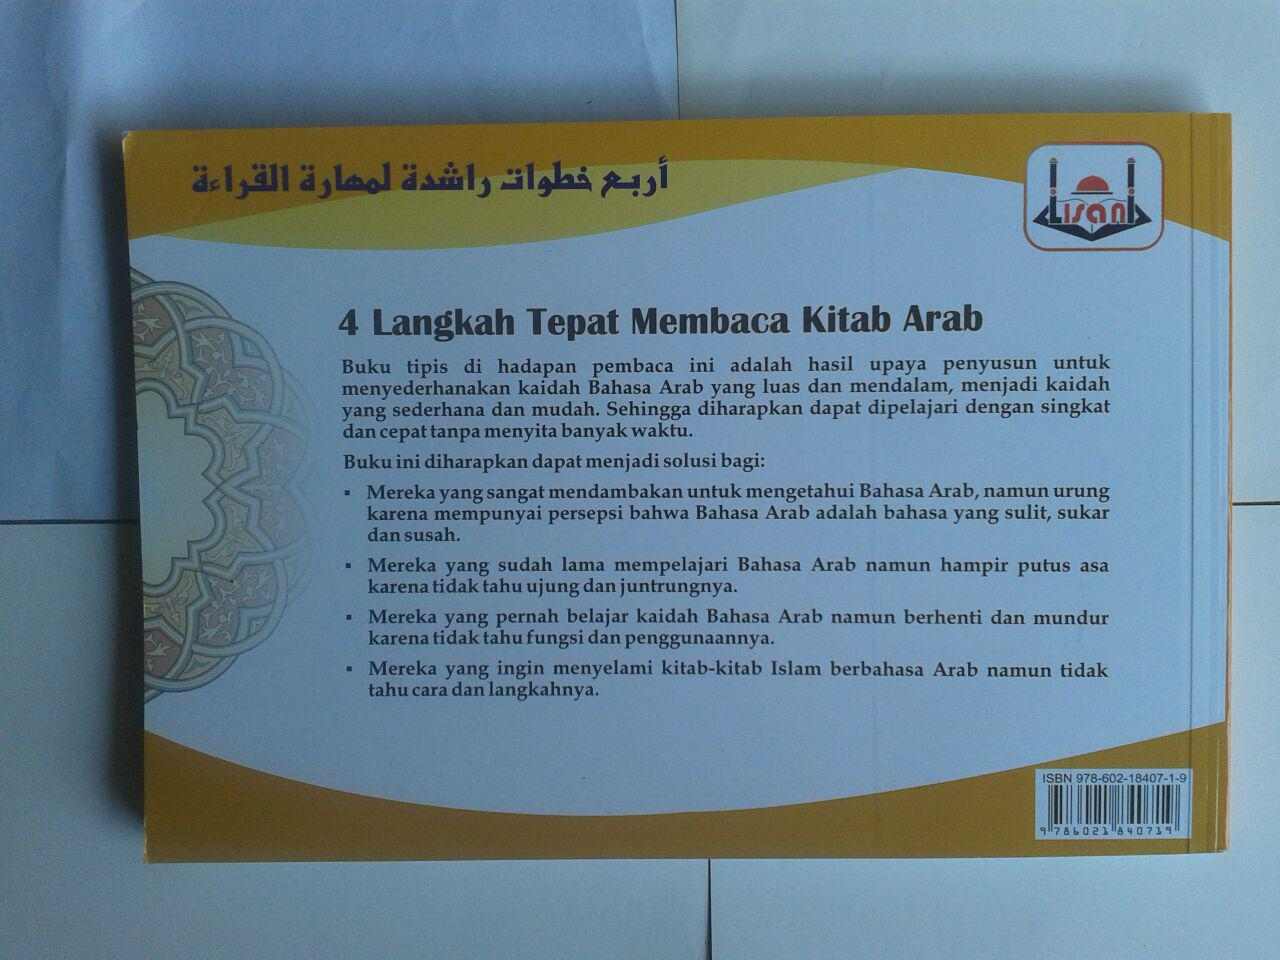 Buku 4 Langkah Tepat Membaca Kitab Arab Metode Lisani cover 2